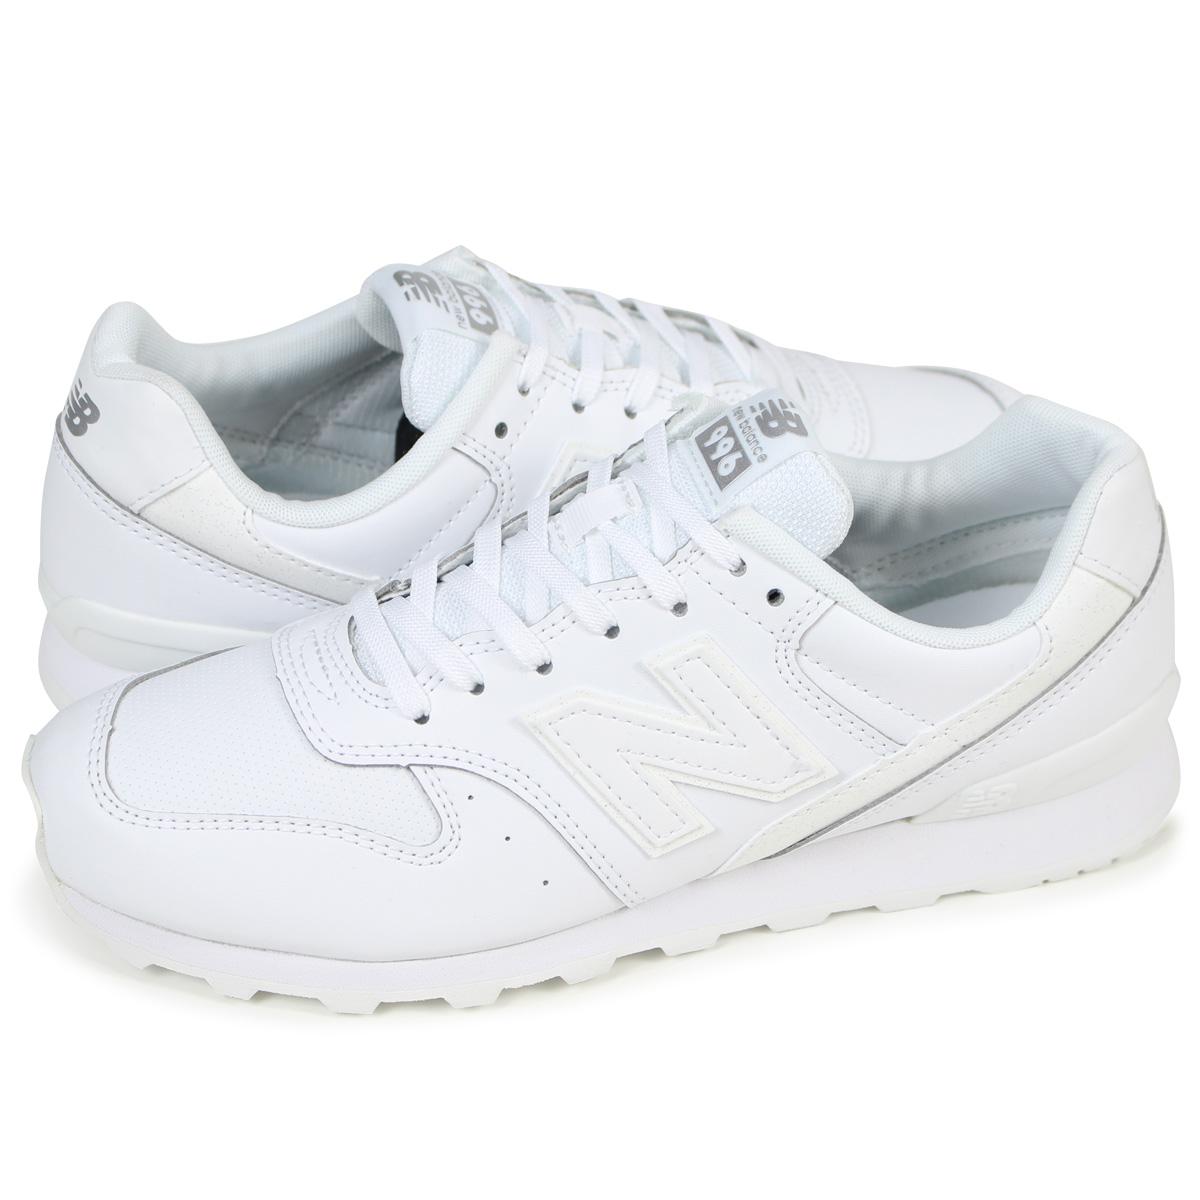 ALLSPORTS  new balance WR996SRW New Balance 996 Lady s sneakers D ... 77301f887b0